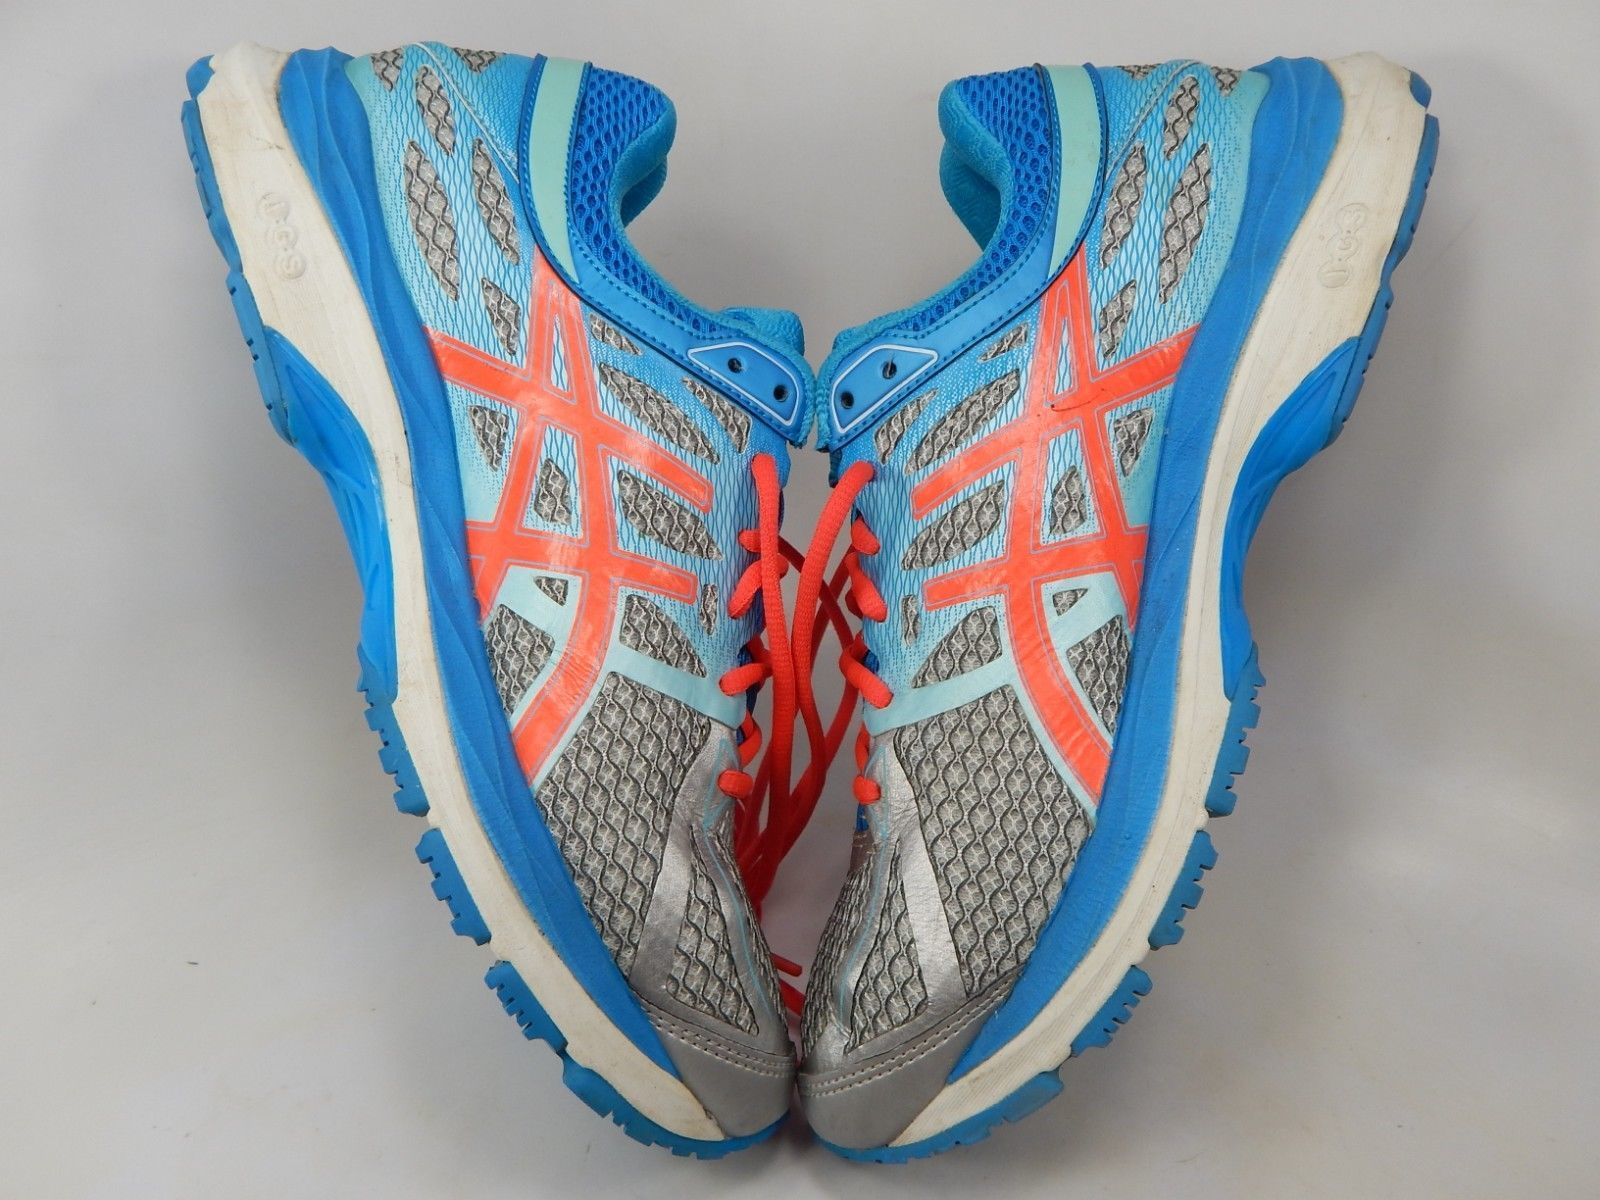 Asics Gel Cumulus 17 Sz 10 M (B) EU 42 Women's Running Shoes Silver Blue T5D8N